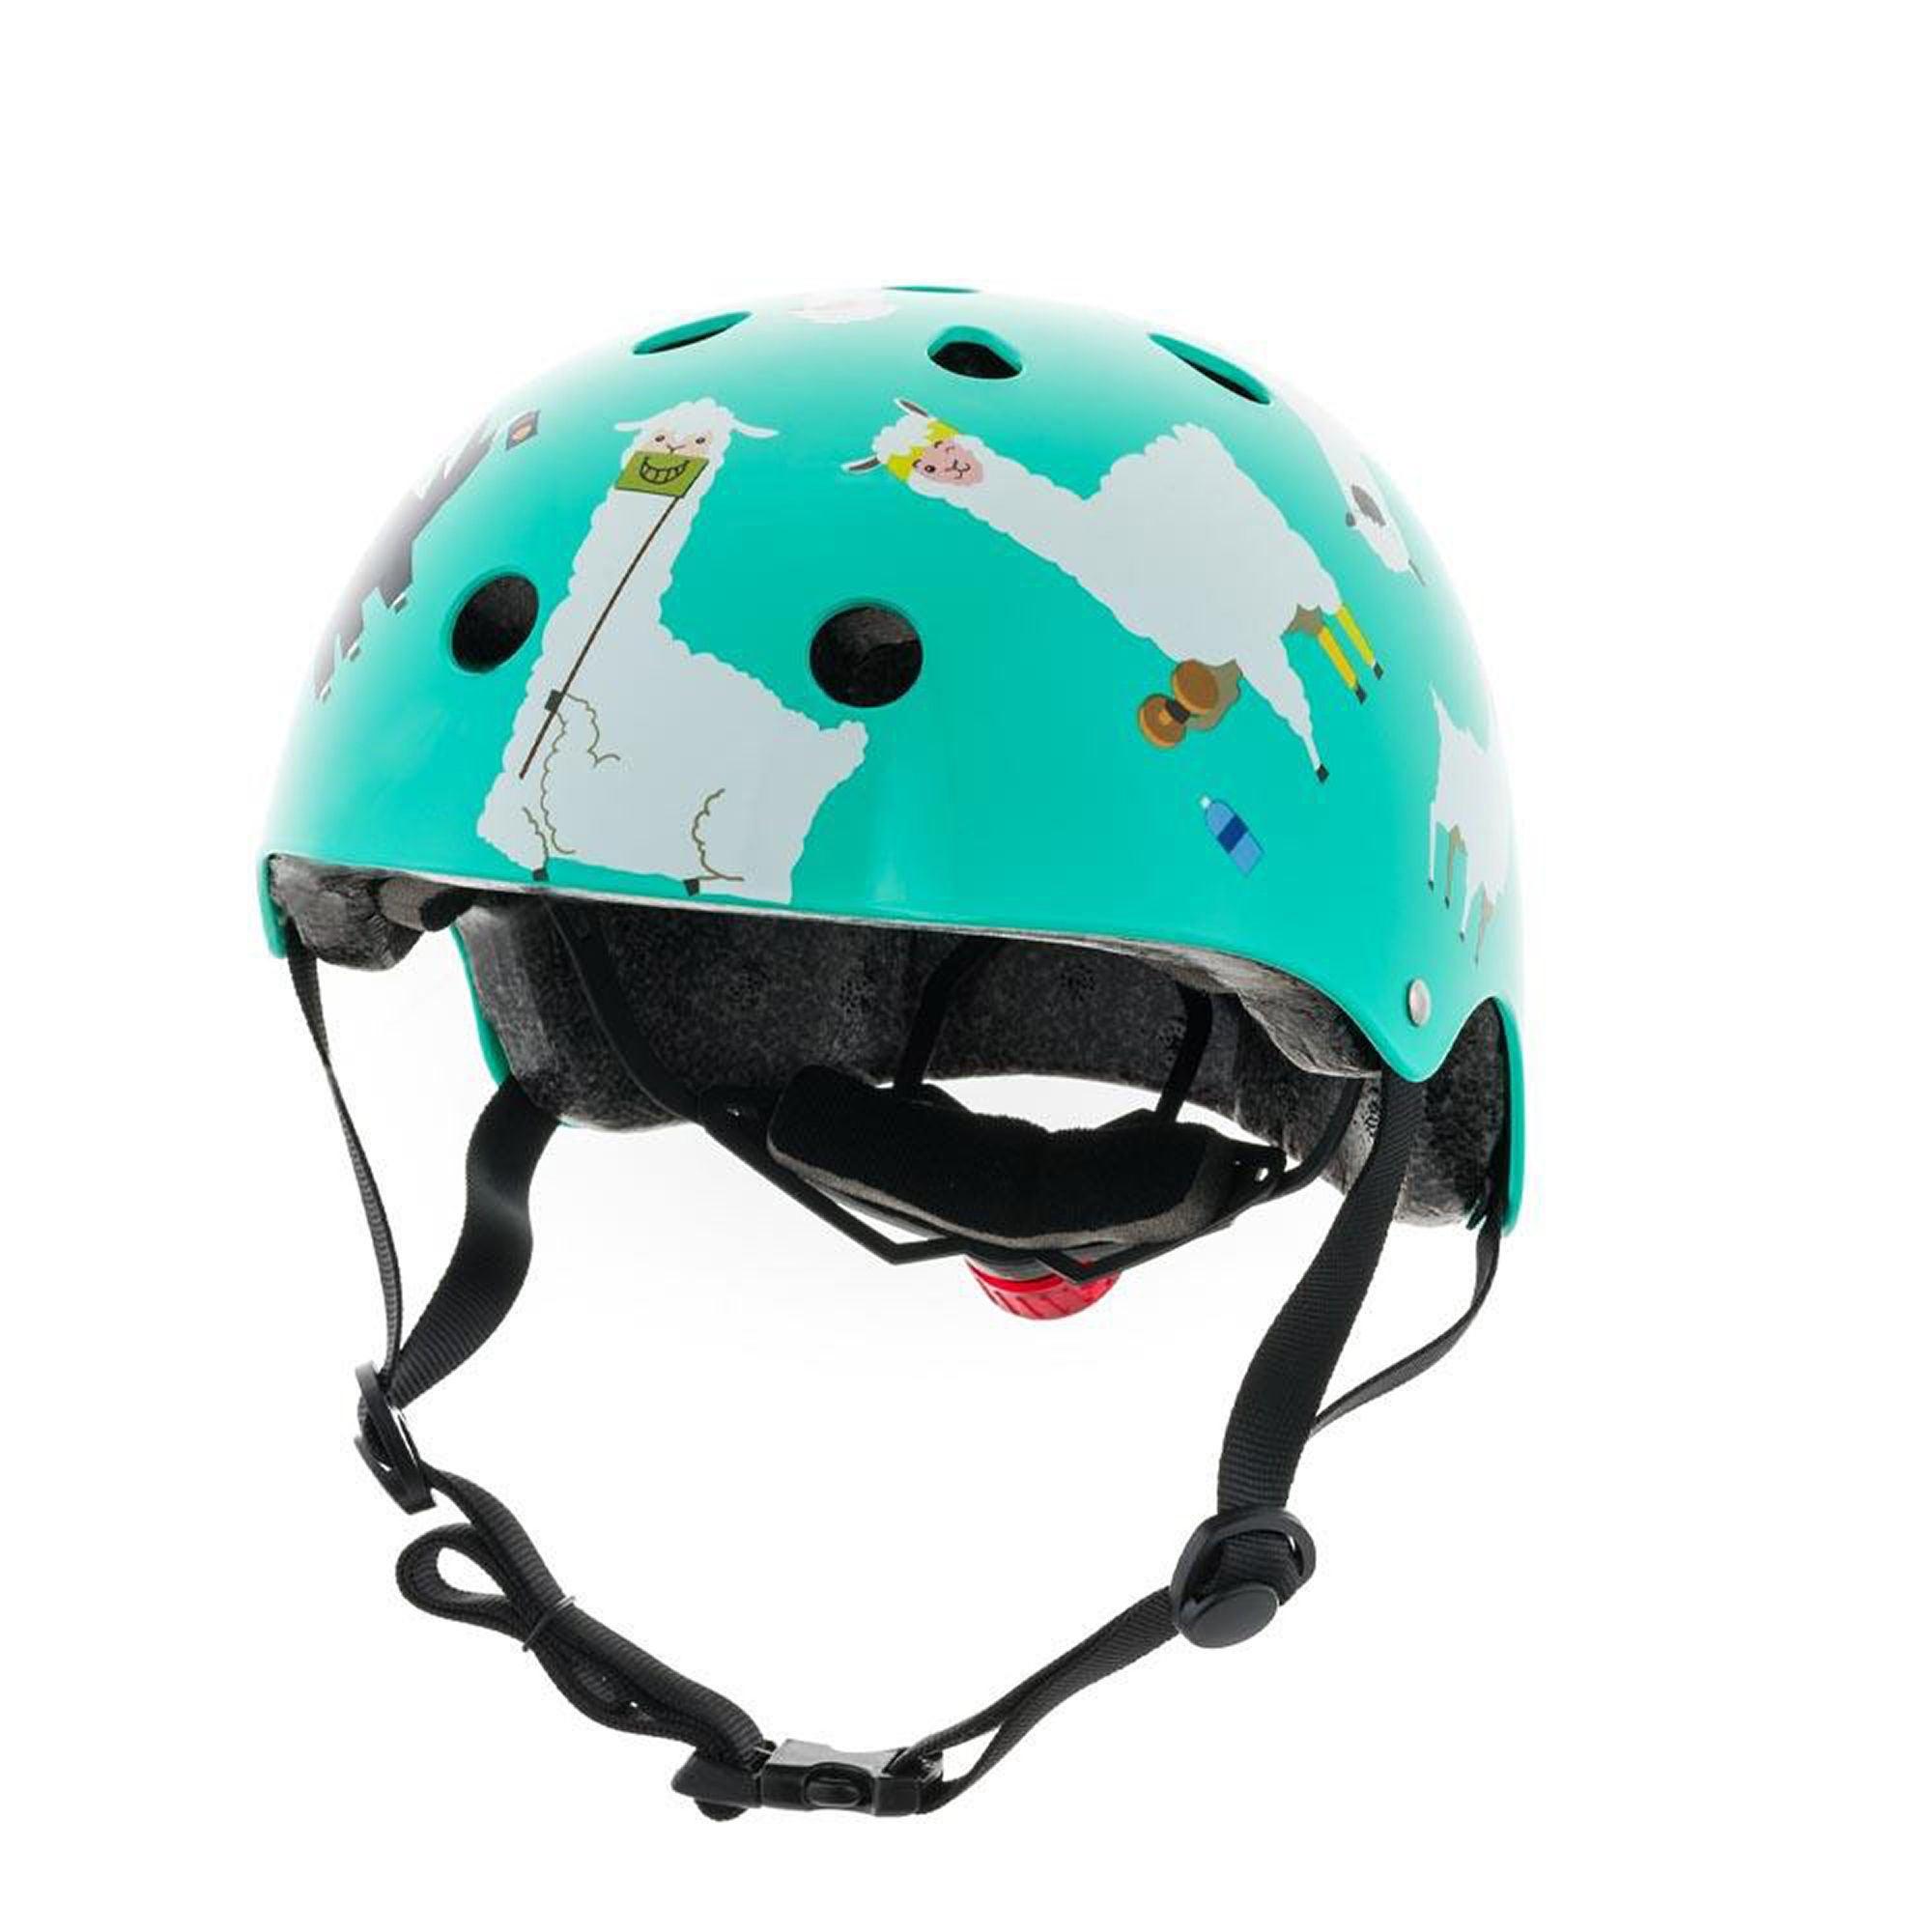 Hornit Lama Cykelhjälm 53-58 Cm, Grön